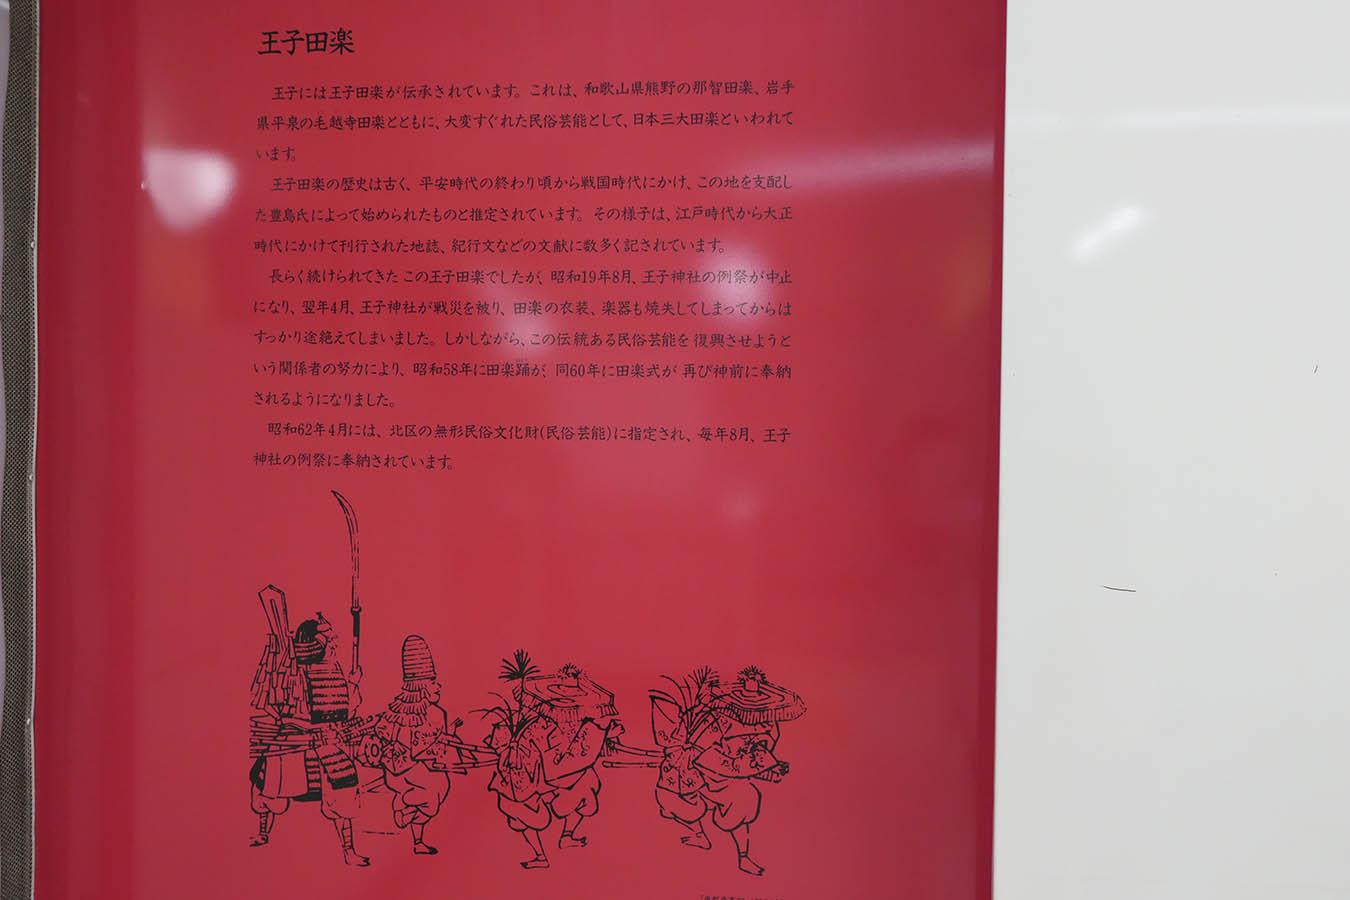 N16_photo07a.jpg